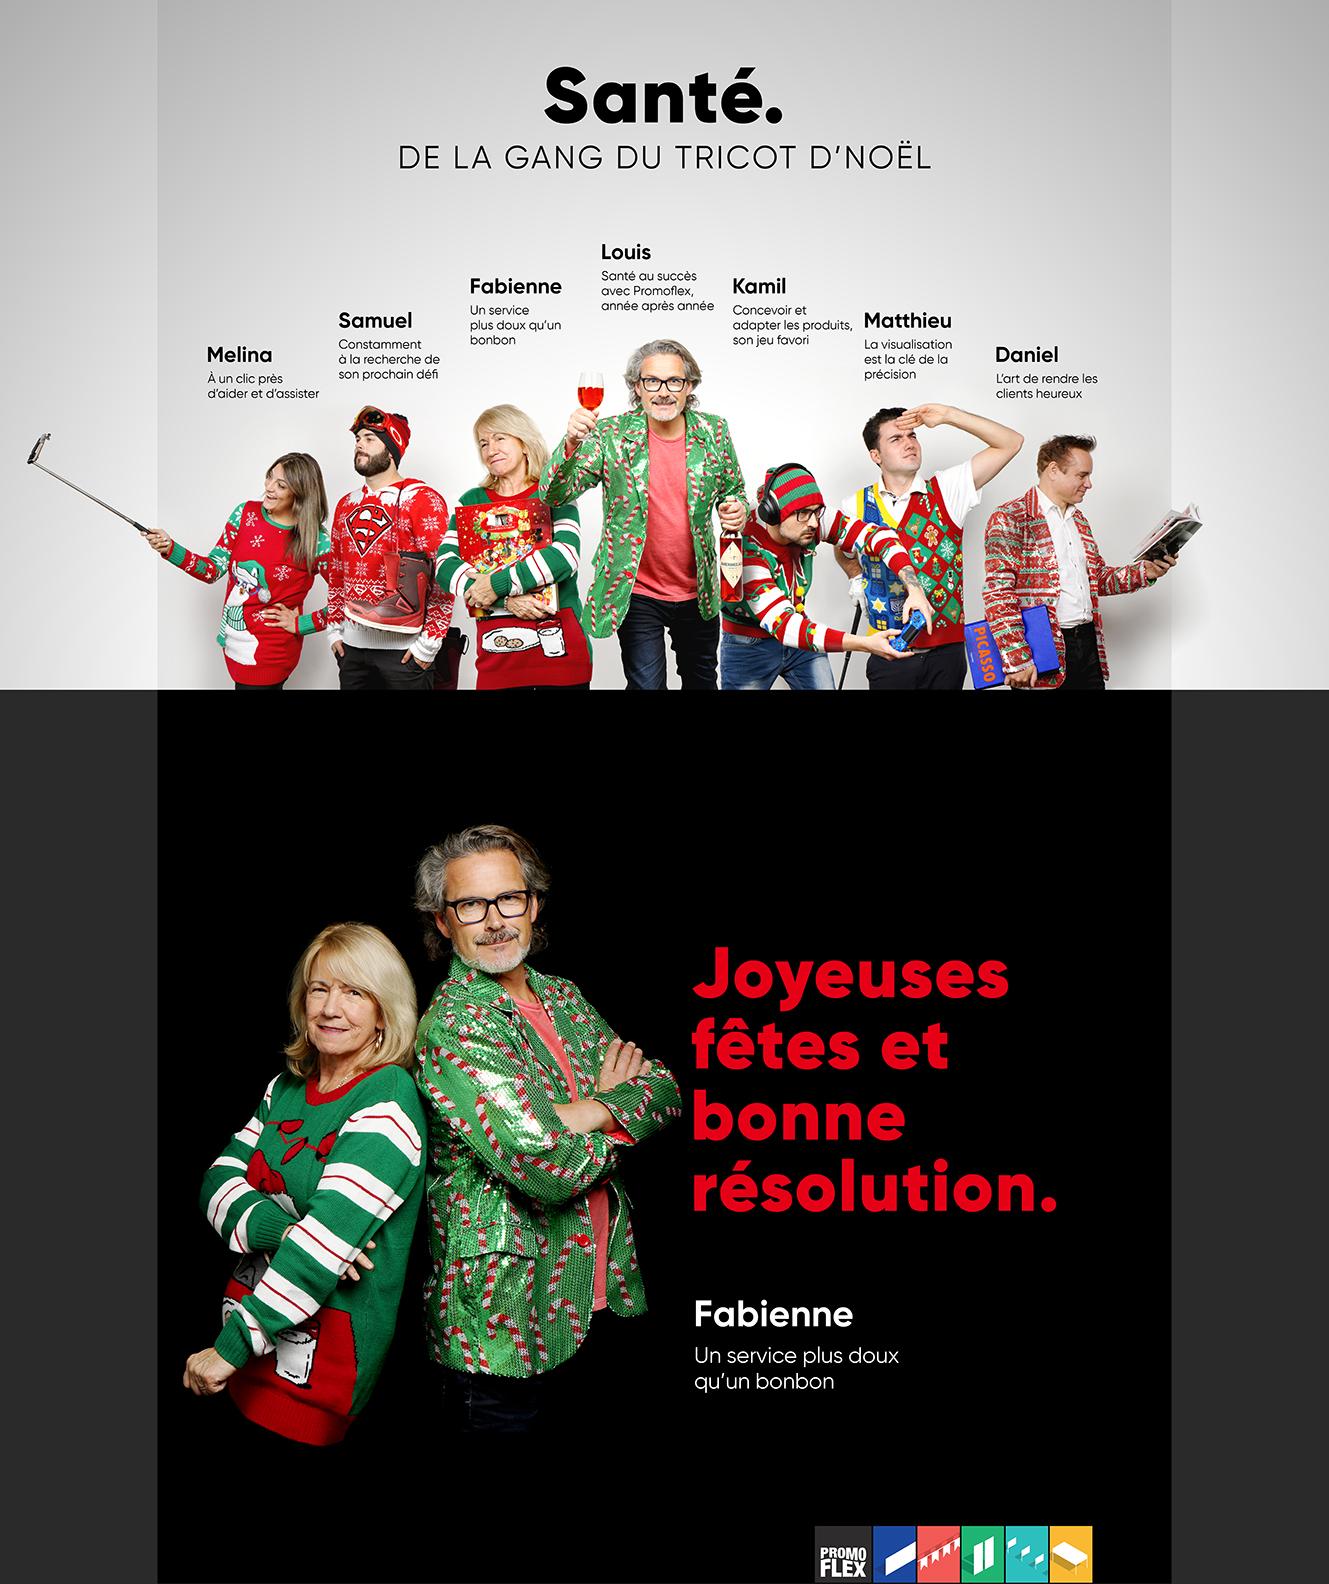 Holiday_sending_2018_grp_fabienne_fr.jpg (973 KB)